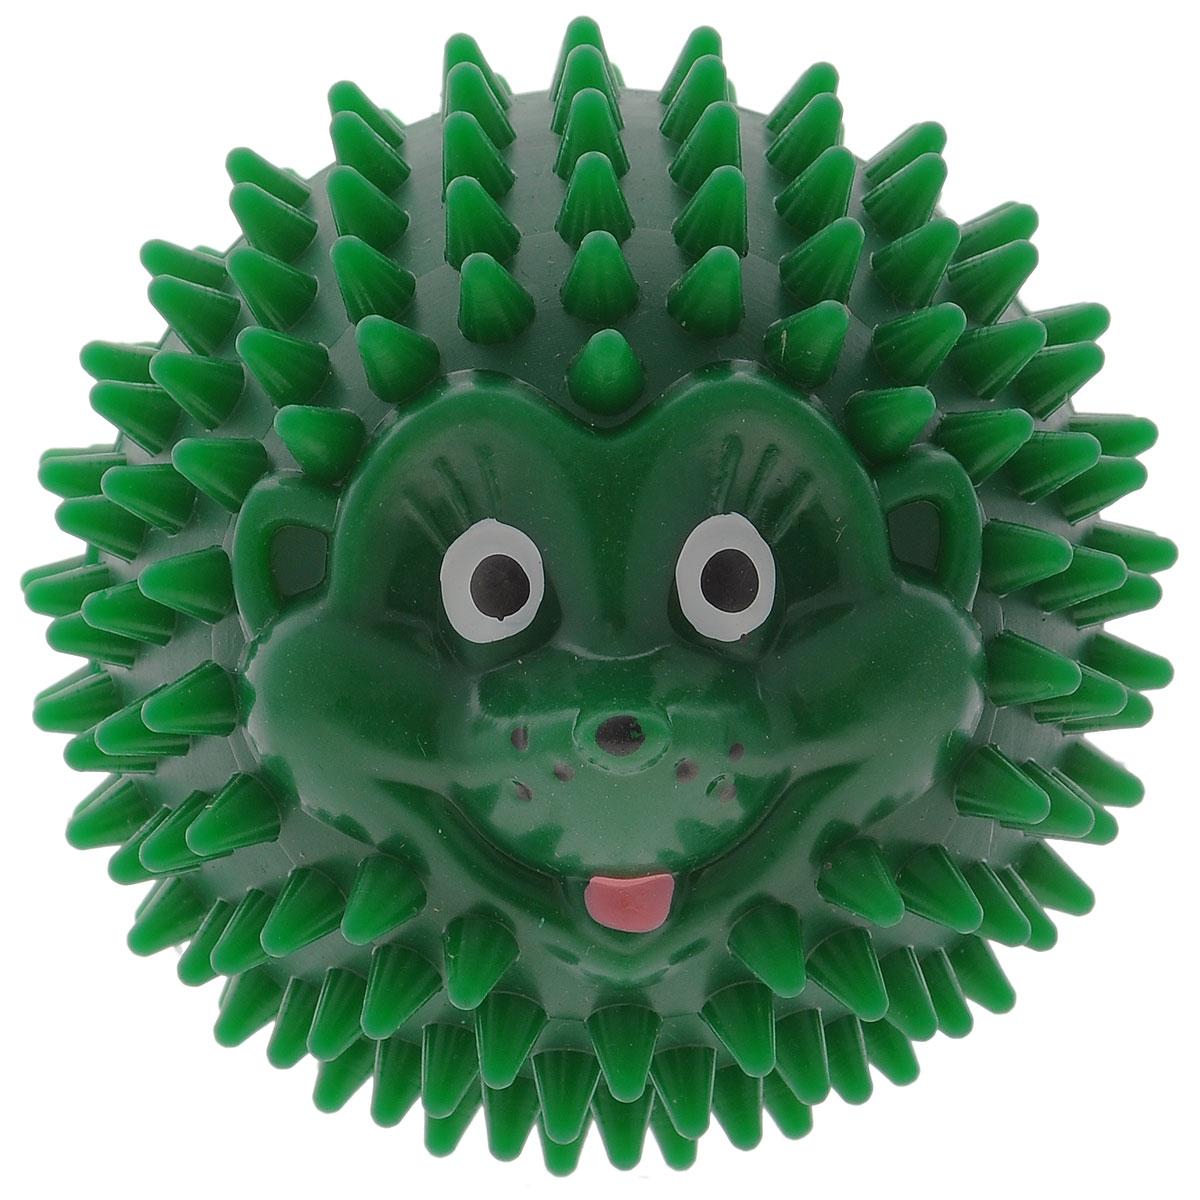 Массажер Дельтатерм Шарик-Ежик, цвет: зеленый, диаметр 85 мм00-00000228_зеленыйС помощью массажного мяча Шарик-Ежик можно самостоятельно проводить мягкий массаж ладоней, стоп и всего тела. Такой массаж способствует повышению кожно-мышечного тонуса, уменьшению венозного застоя и ускорению капиллярного кровотока, улучшению функционирования периферической и центральной нервных систем. Идеально подходит для проведения массажа у маленьких детей. Развивает мышление, координацию движений и совершенствует моторику нежных пальчиков малыша и является интересной веселой игрушкой.